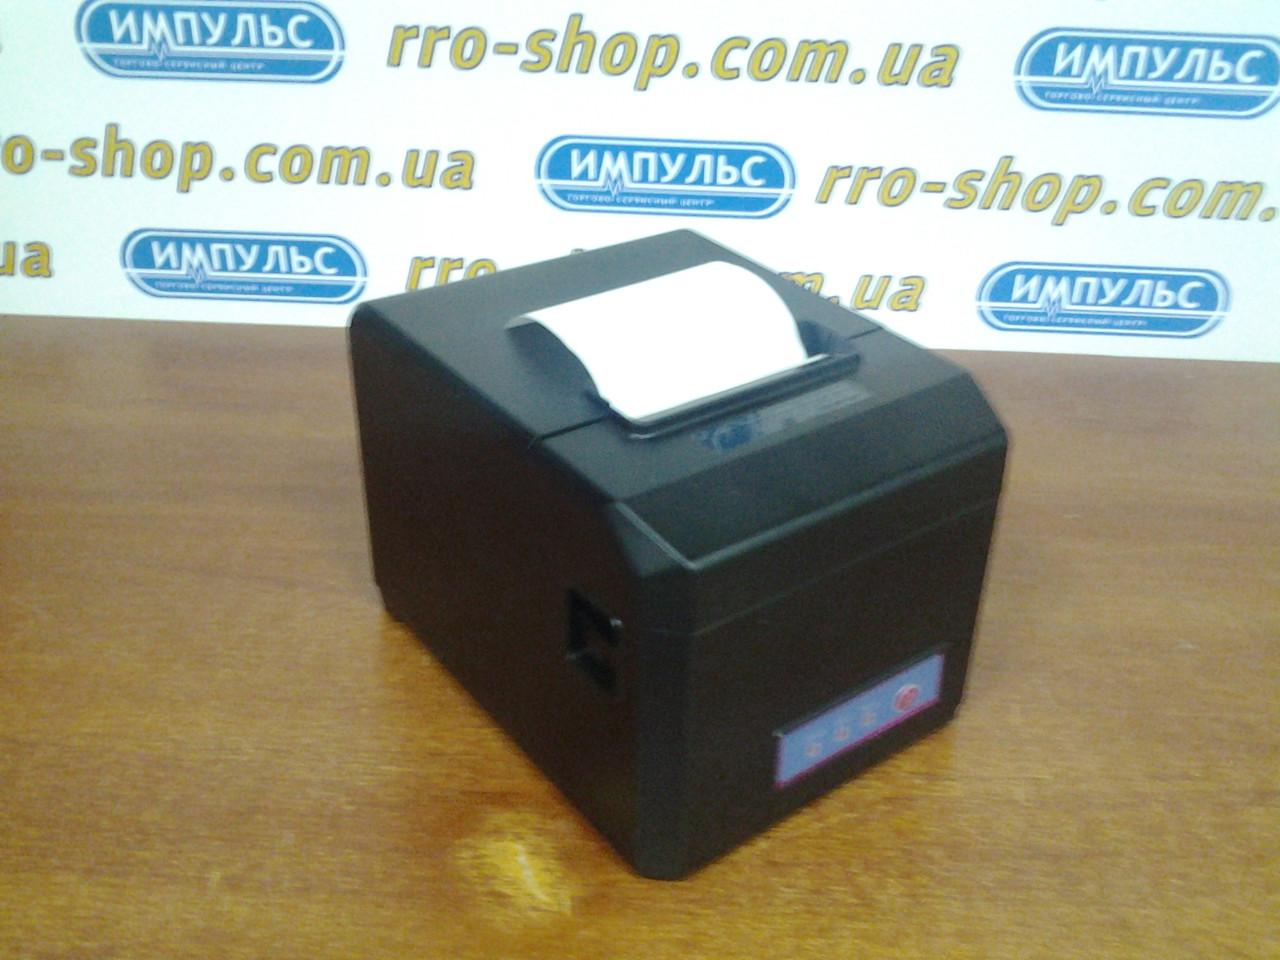 Чековый принтер RTPOS 80 (USB, RS232,  Ethernet, автообрезка чеков, 80 мм)